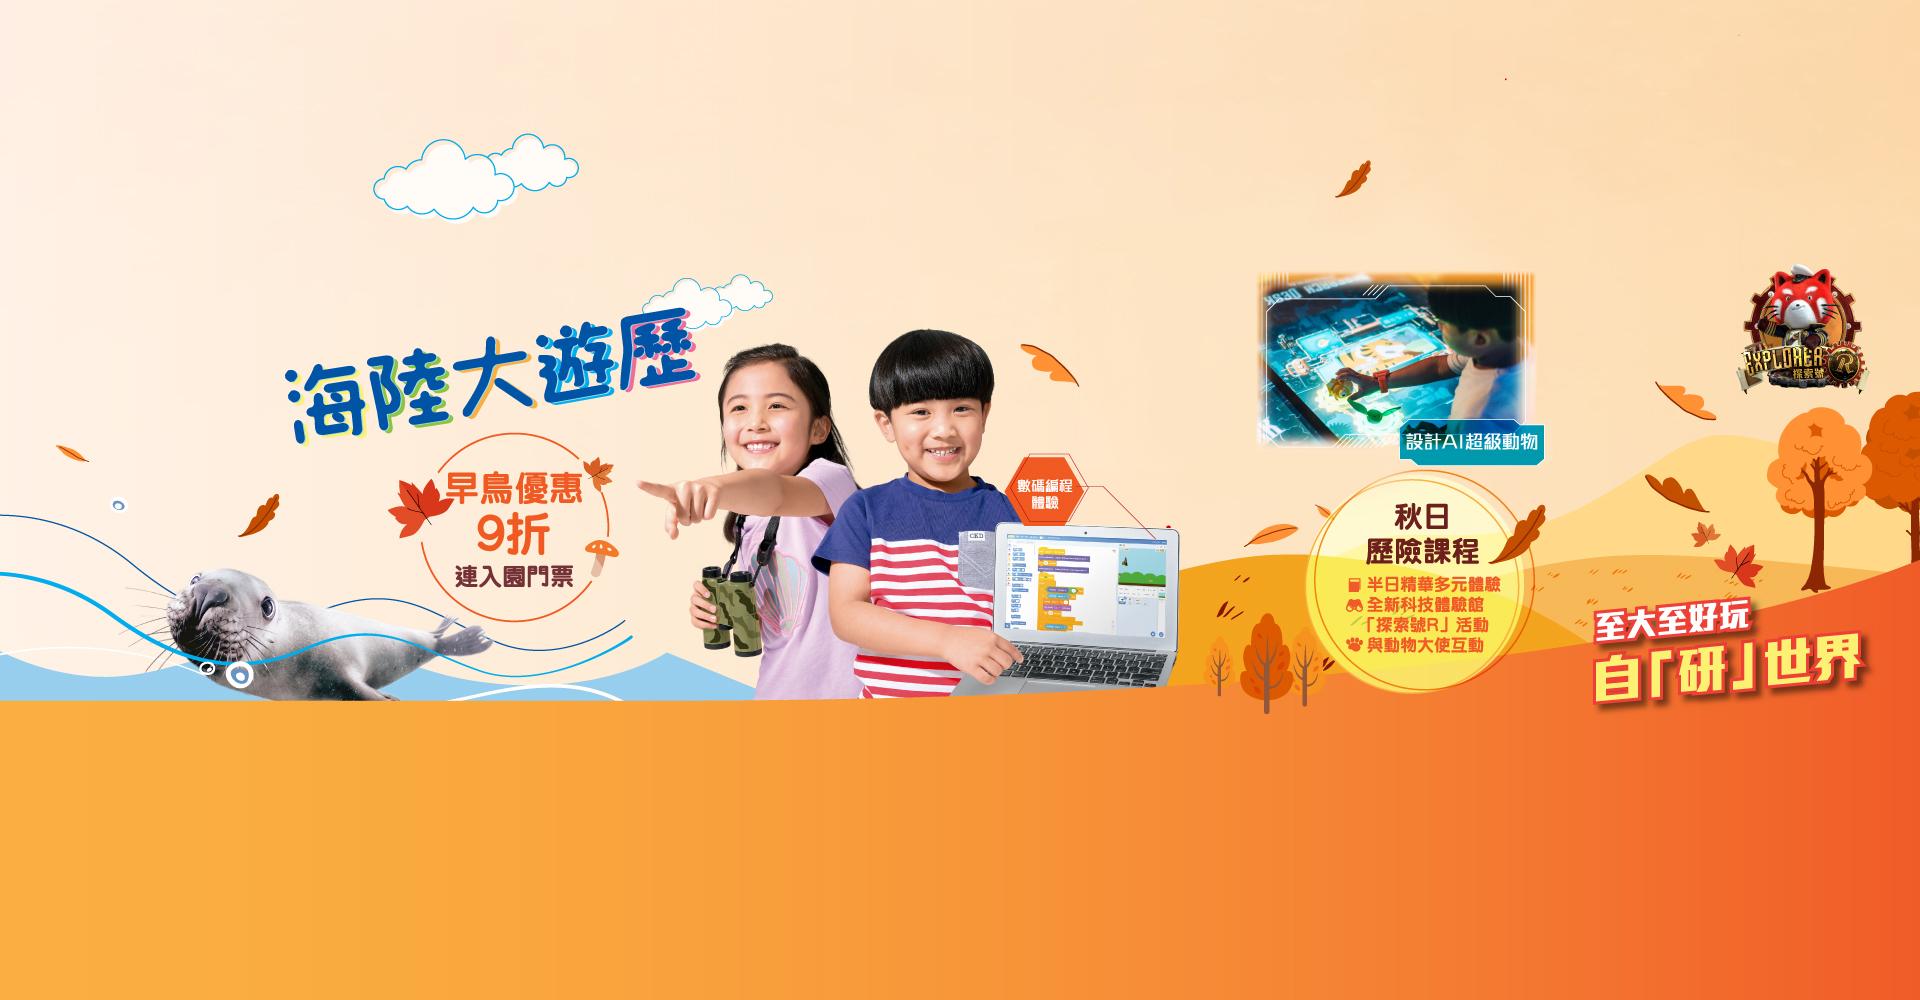 https://media.oceanpark.com.hk/files/s3fs-public/banner_desktop_tc_2.jpg